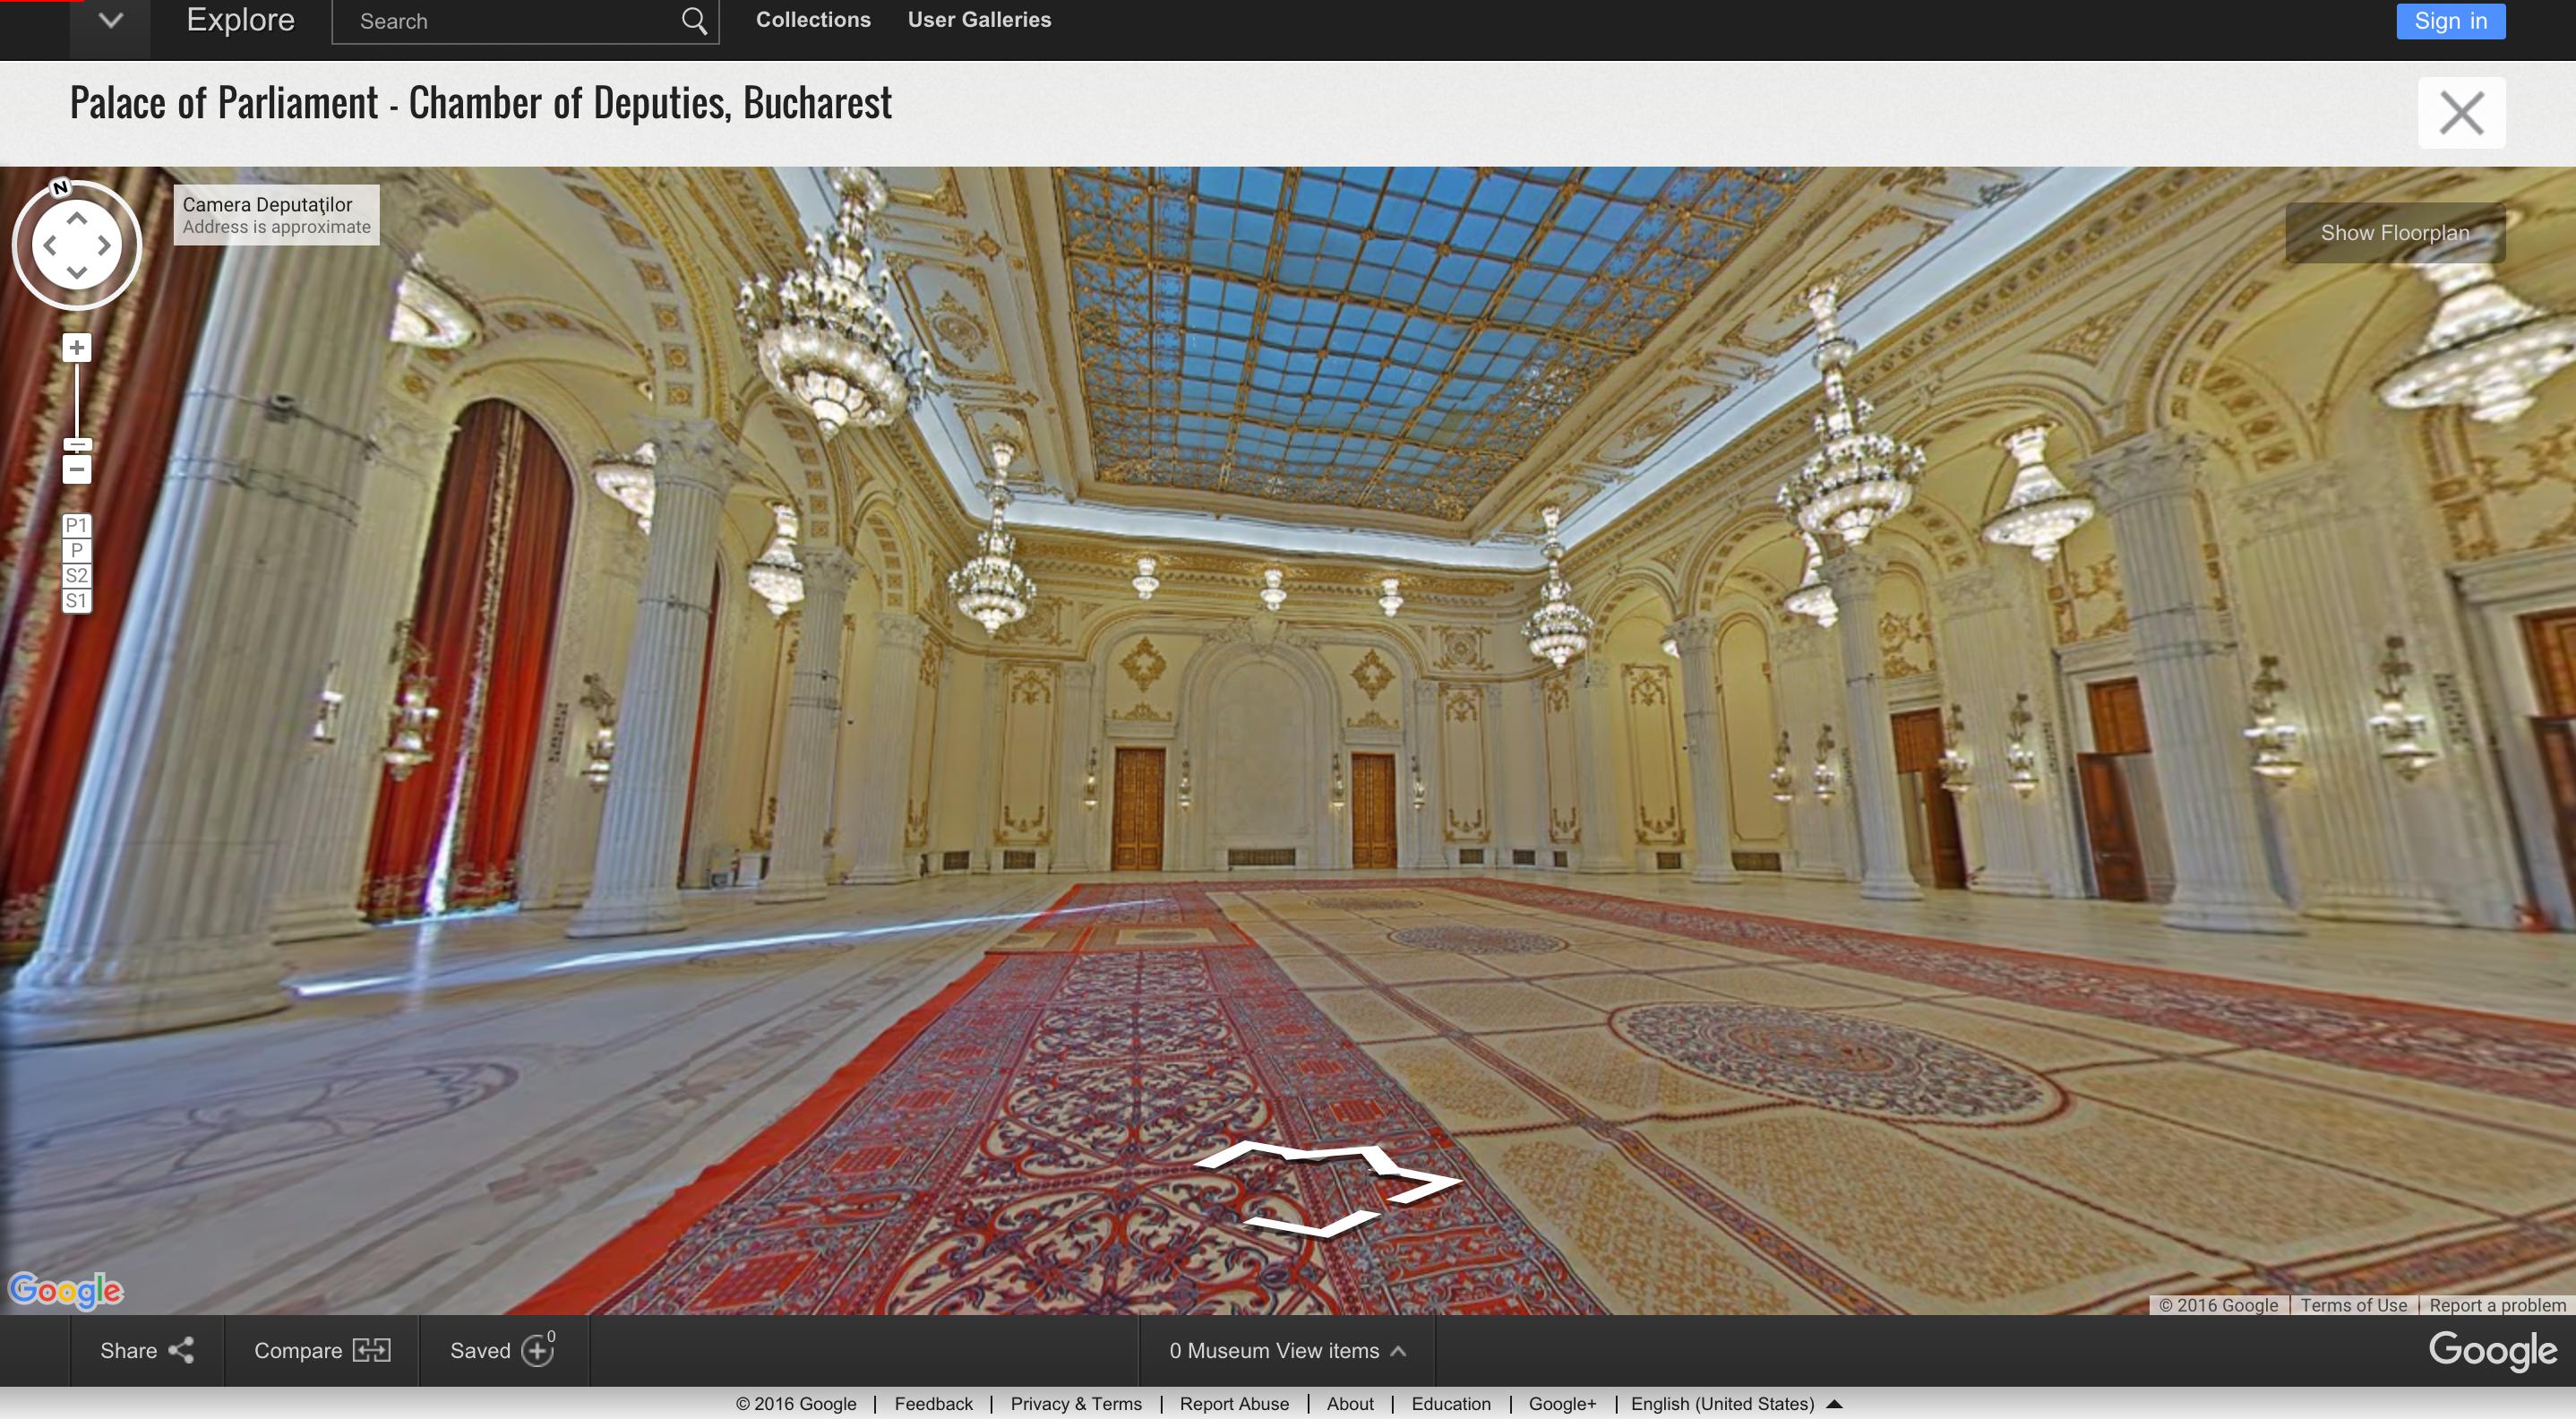 Imagini Spectaculoase Din Casa Poporului Acum Palatul